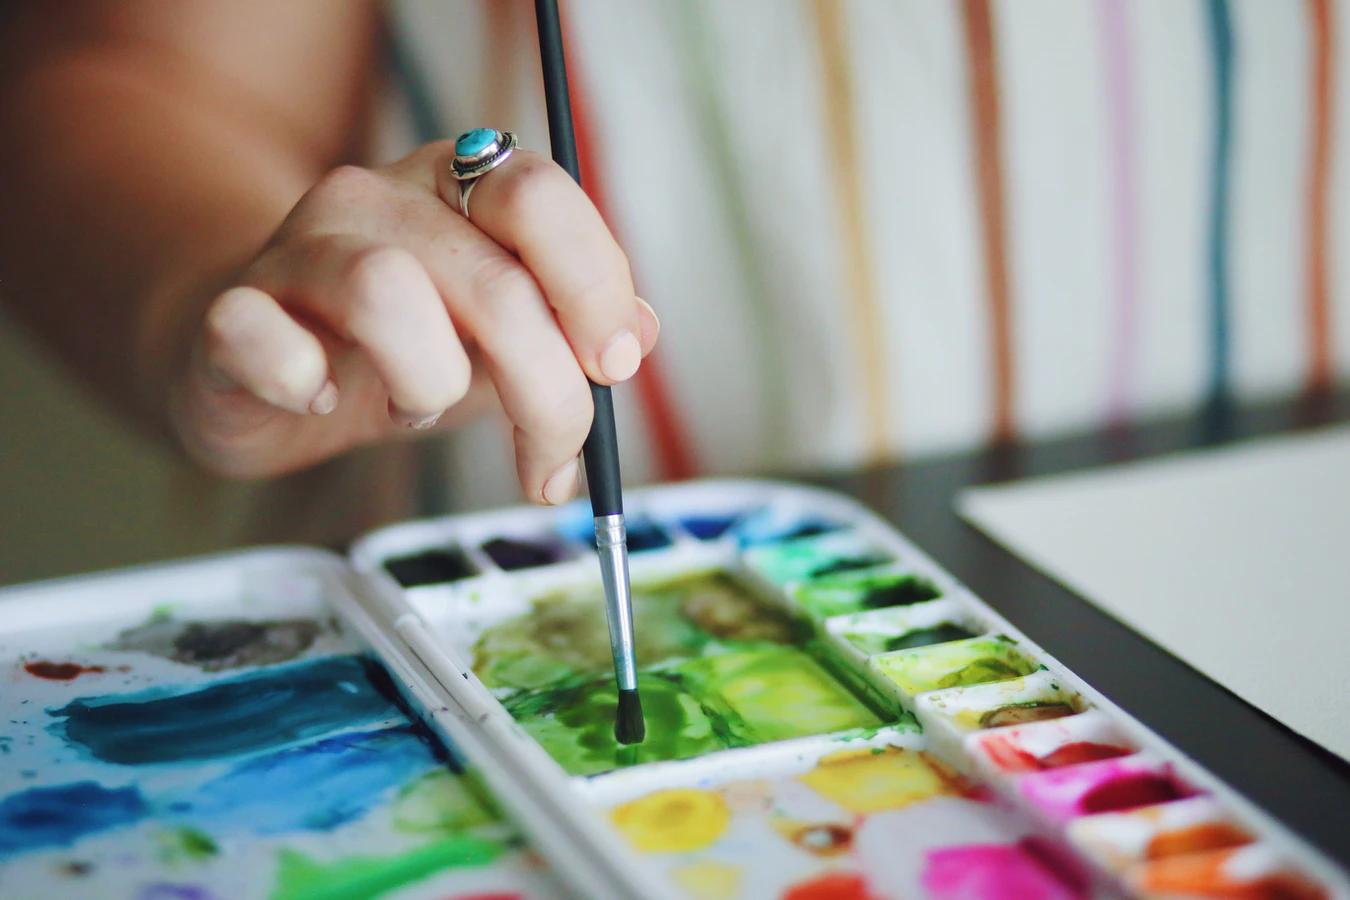 Jak vybrat akrylové barvy? Dávejte pozor na značky na obalu